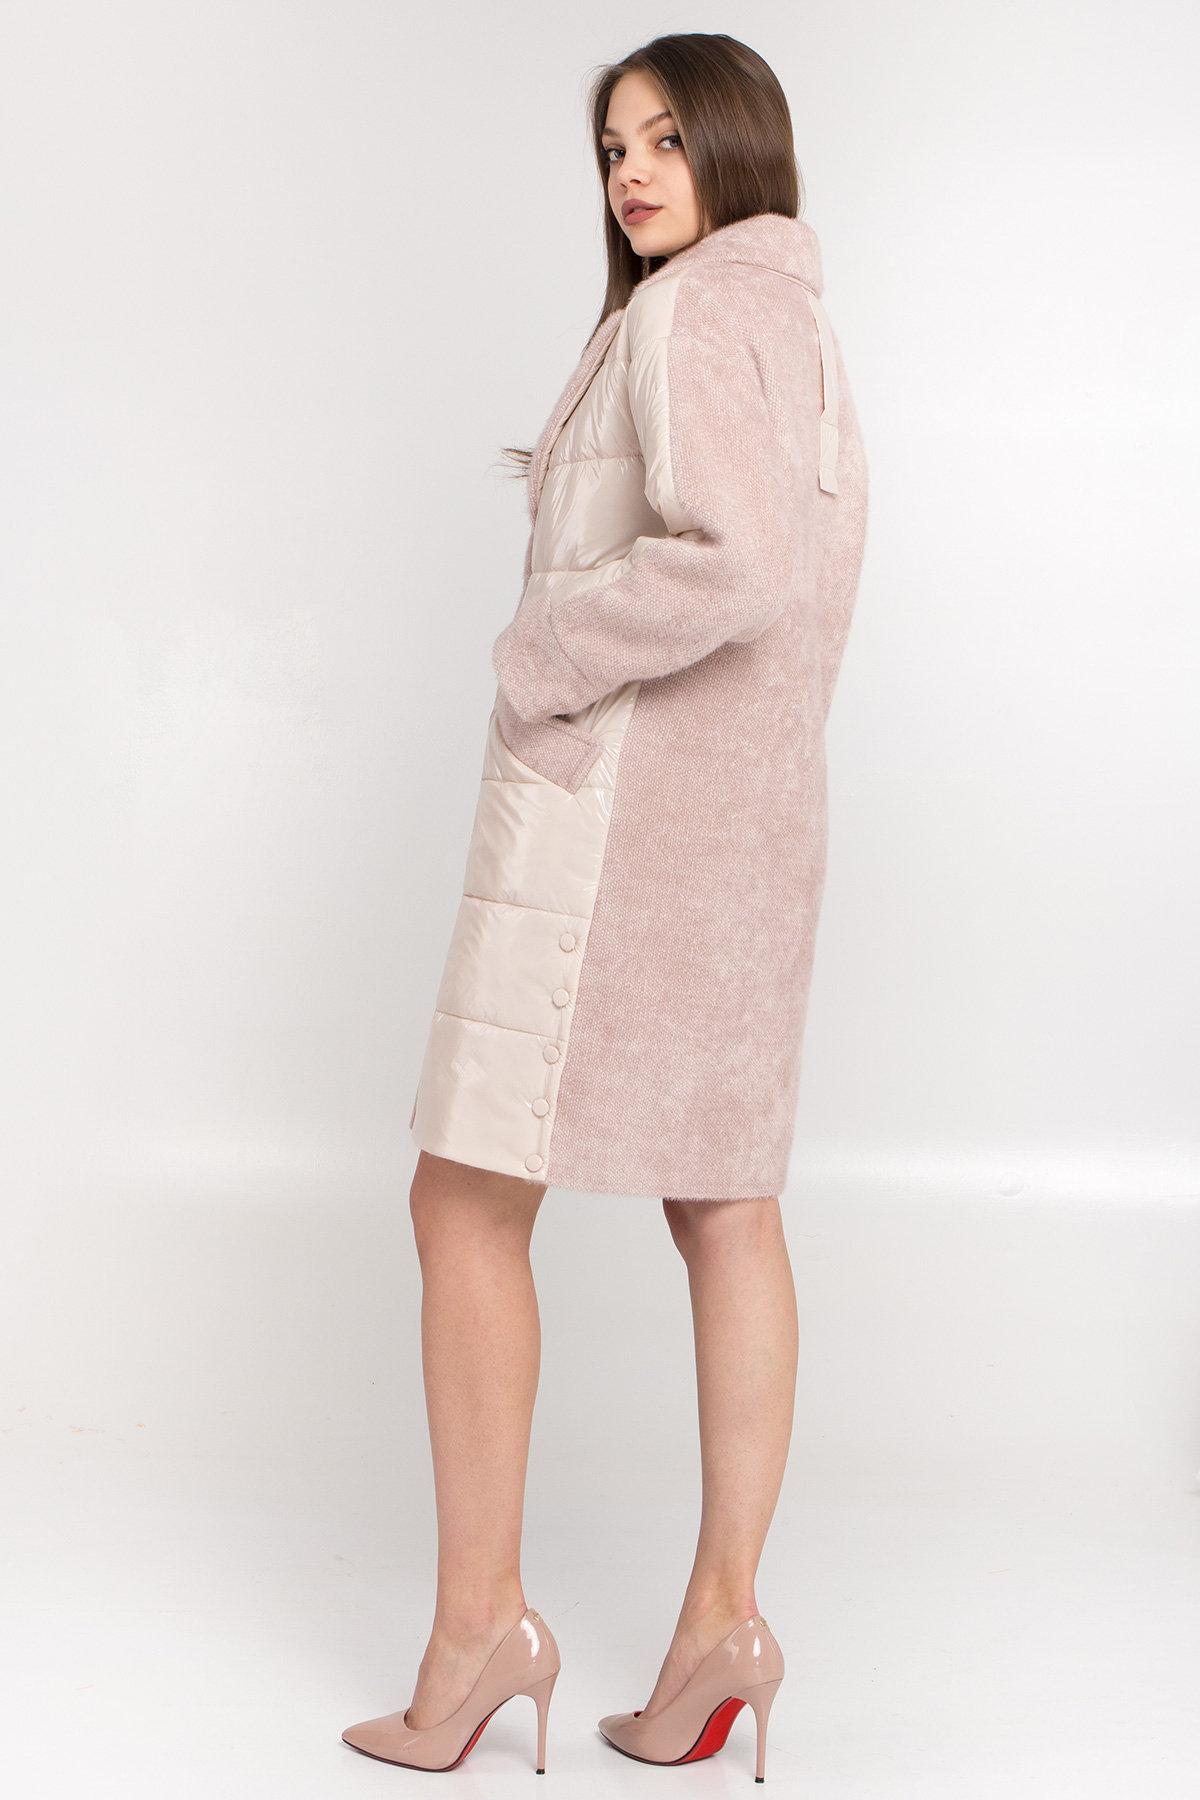 Комбинированное пальто с плащевкой Санья 8780 АРТ. 45123 Цвет: Пудра/молоко - фото 3, интернет магазин tm-modus.ru